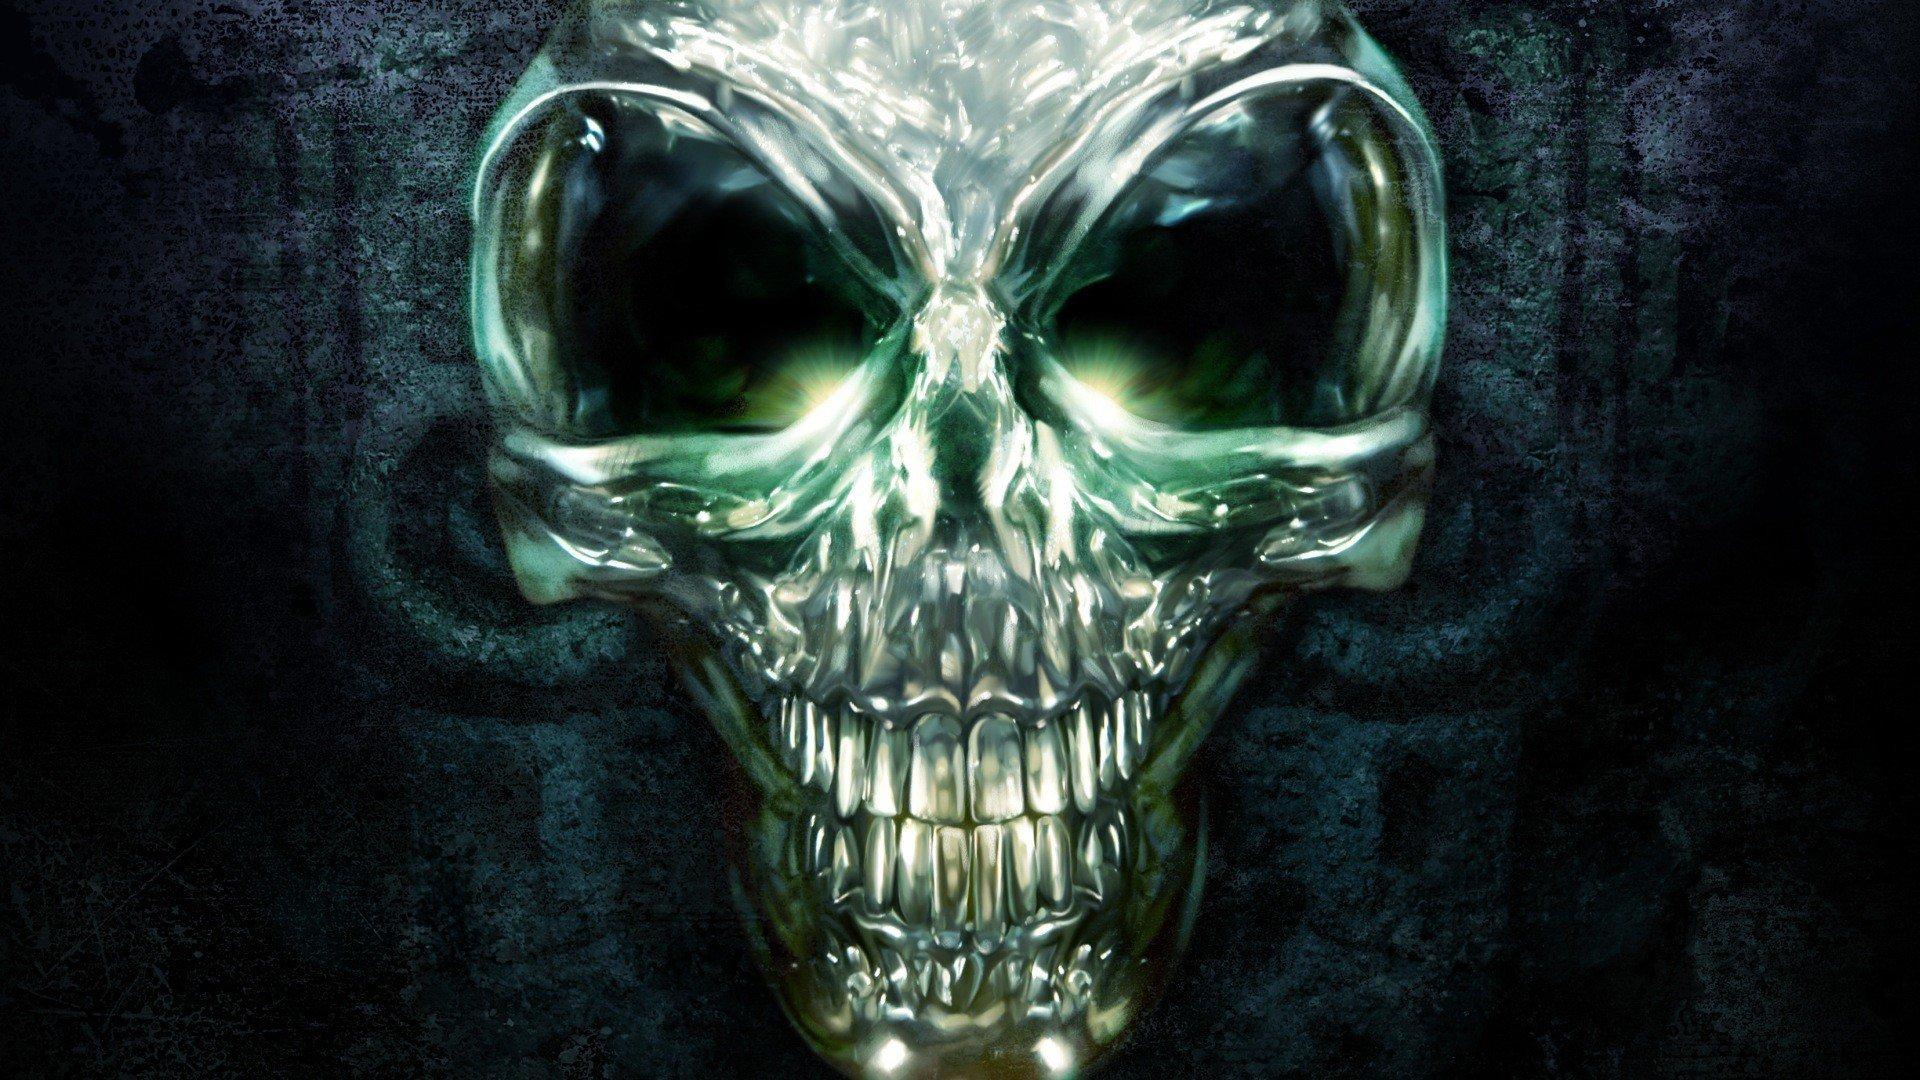 Обои скелет, чужой, удивляется, череп, живописи, земной. Фантастика foto 19